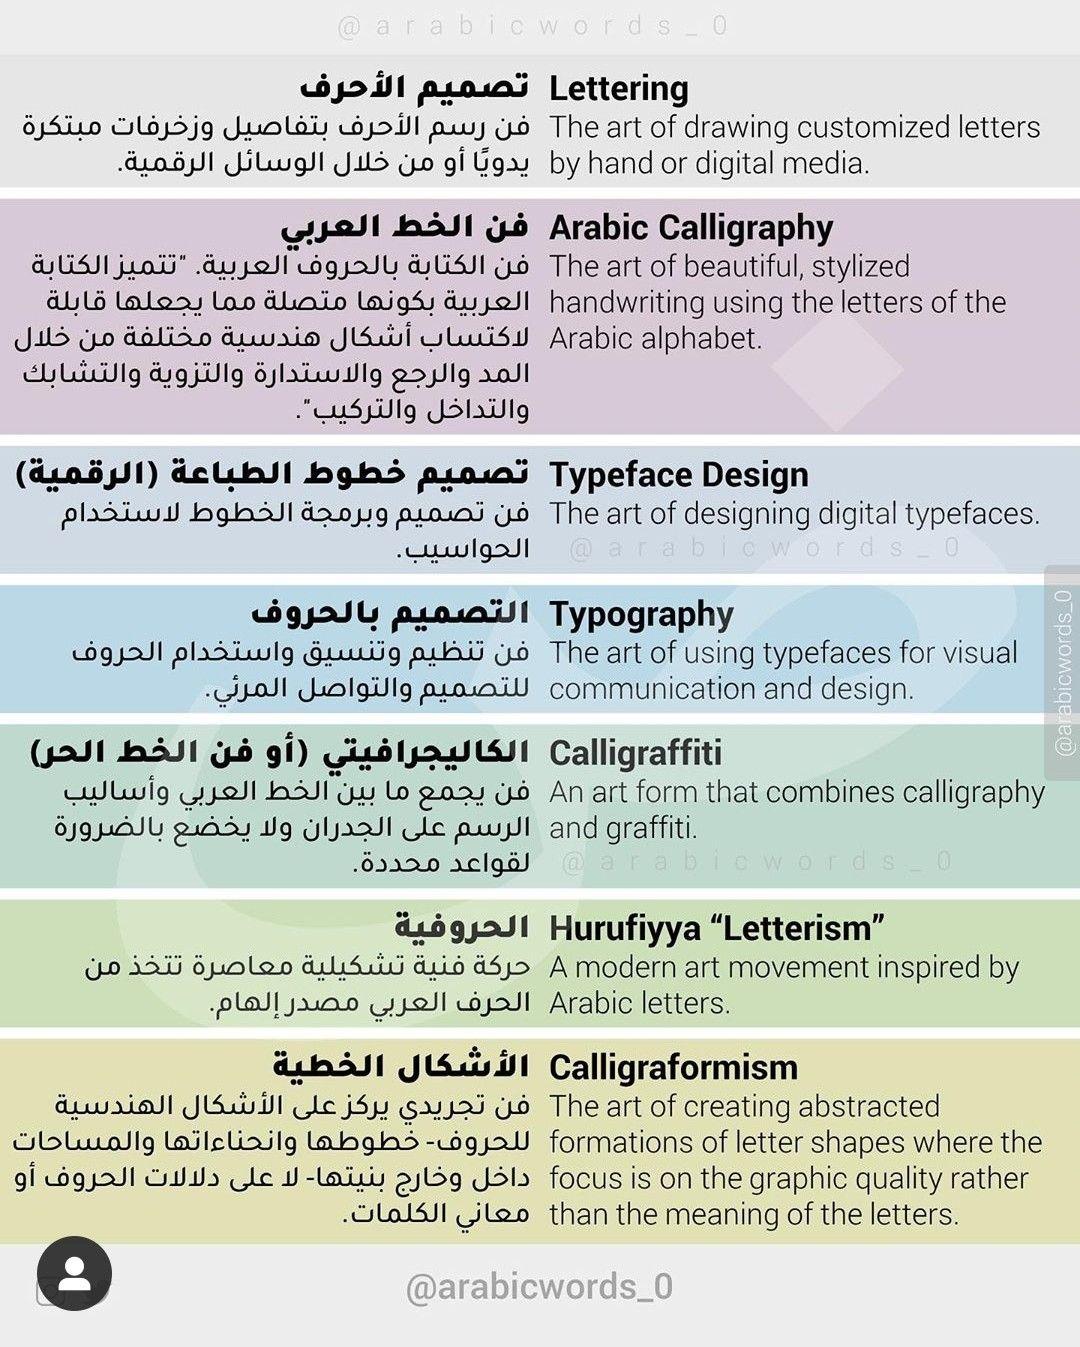 الخط والرسم العربي Arabicwords 0 Lettering Digital Media Stylized